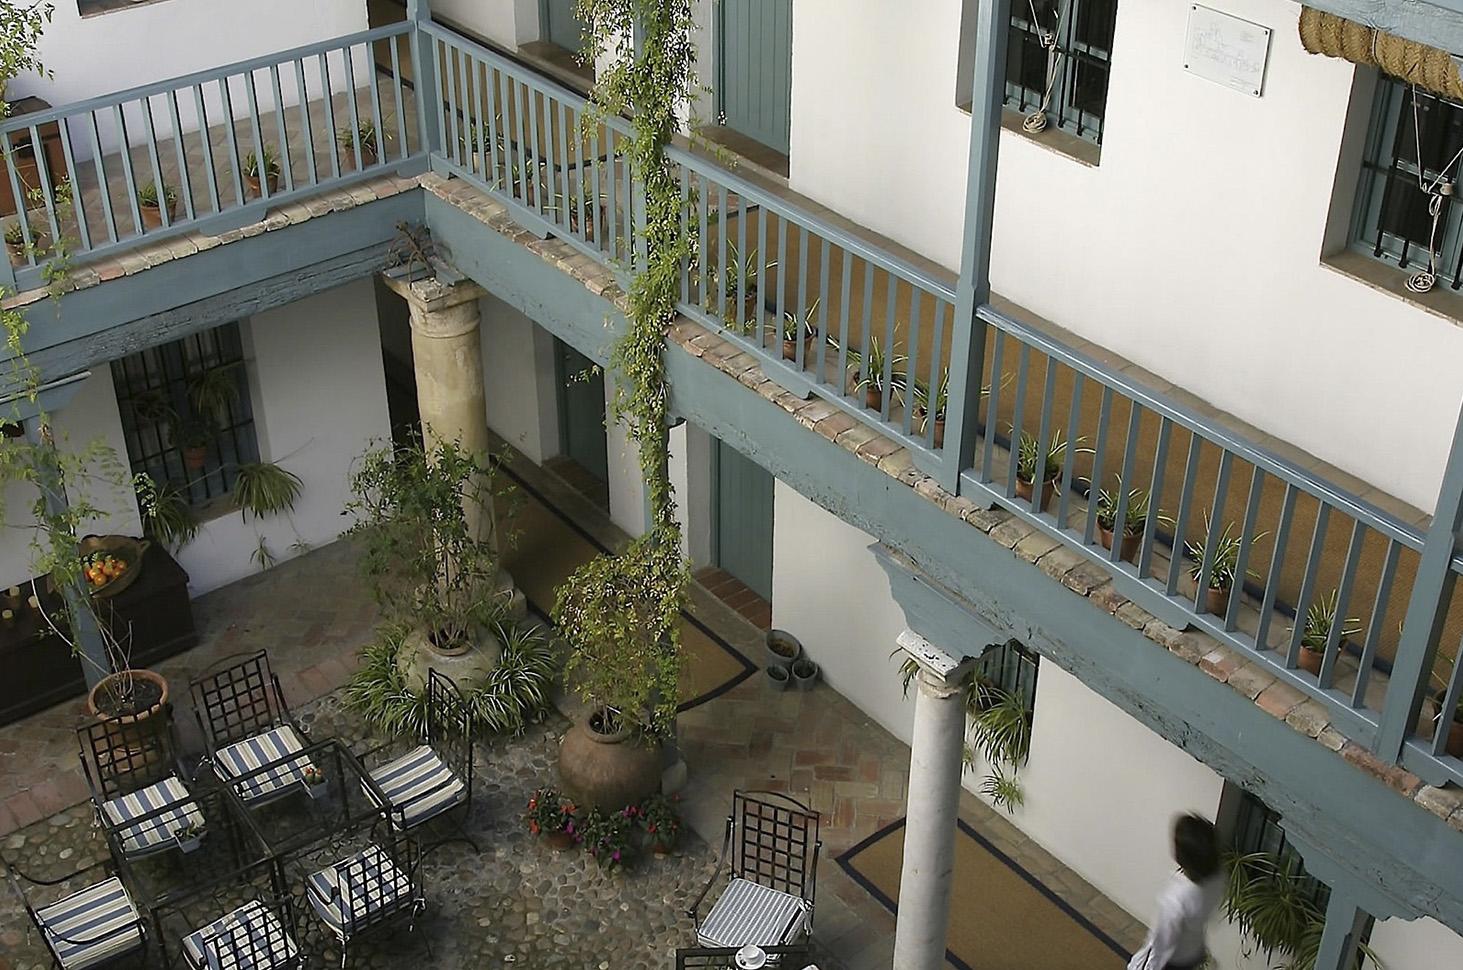 ventanas-hotel-casa-rey-baeza-14